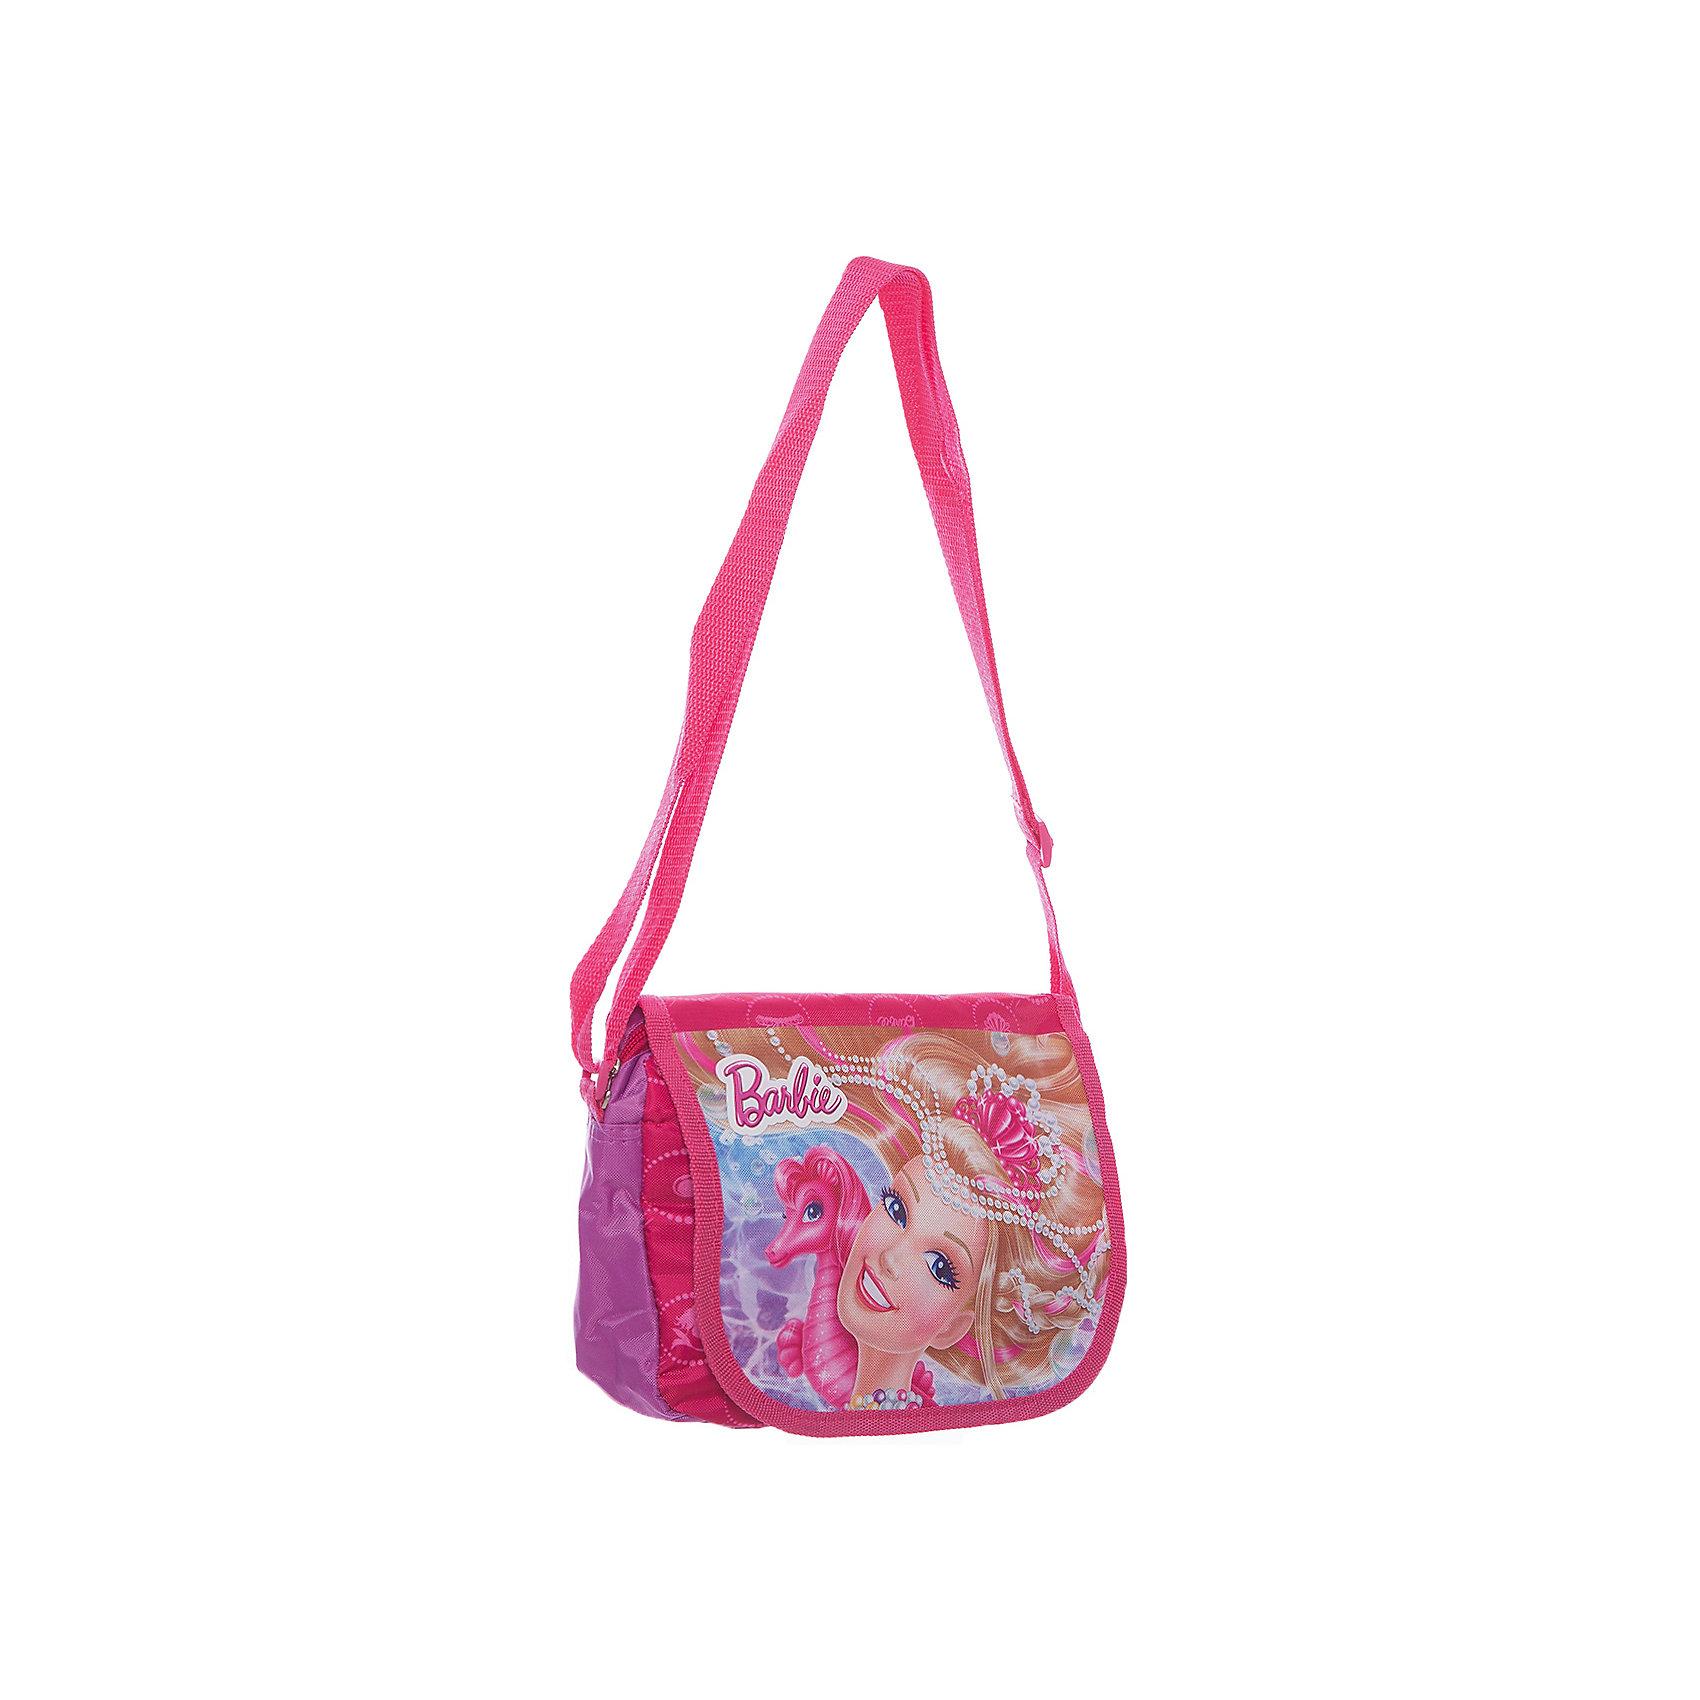 Сумка через плечо, BarbieСумка через плечо Barbie - комфортная и стильная сумочка, с которой Вашей девочке будет приятно ходить и на школьные занятия и на прогулку. Сумка выполнена из водоотталкивающего прочного и качественного материала. Имеет привлекательный дизайн с яркой розовой расцветкой и изображением очаровательной красавицы Барби. Сумочка закрывается откидным клапаном на липучках, внутри одно просторное отделение, куда можно положить все необходимые принадлежности и аксессуары. Для ношения через плечо предусмотрен широкий регулируемый ремешок.  <br><br>Дополнительная информация:<br><br>- Материал: текстиль.<br>- Размер: 22 х 5,5 х 15 см.<br>- Вес: 190 гр.<br><br>Сумку через плечо Barbie, 22*15*5,5 см., Играем Вместе, можно купить в нашем интернет-магазине.<br><br>Ширина мм: 676<br>Глубина мм: 324<br>Высота мм: 4<br>Вес г: 190<br>Возраст от месяцев: 48<br>Возраст до месяцев: 96<br>Пол: Женский<br>Возраст: Детский<br>SKU: 4637659